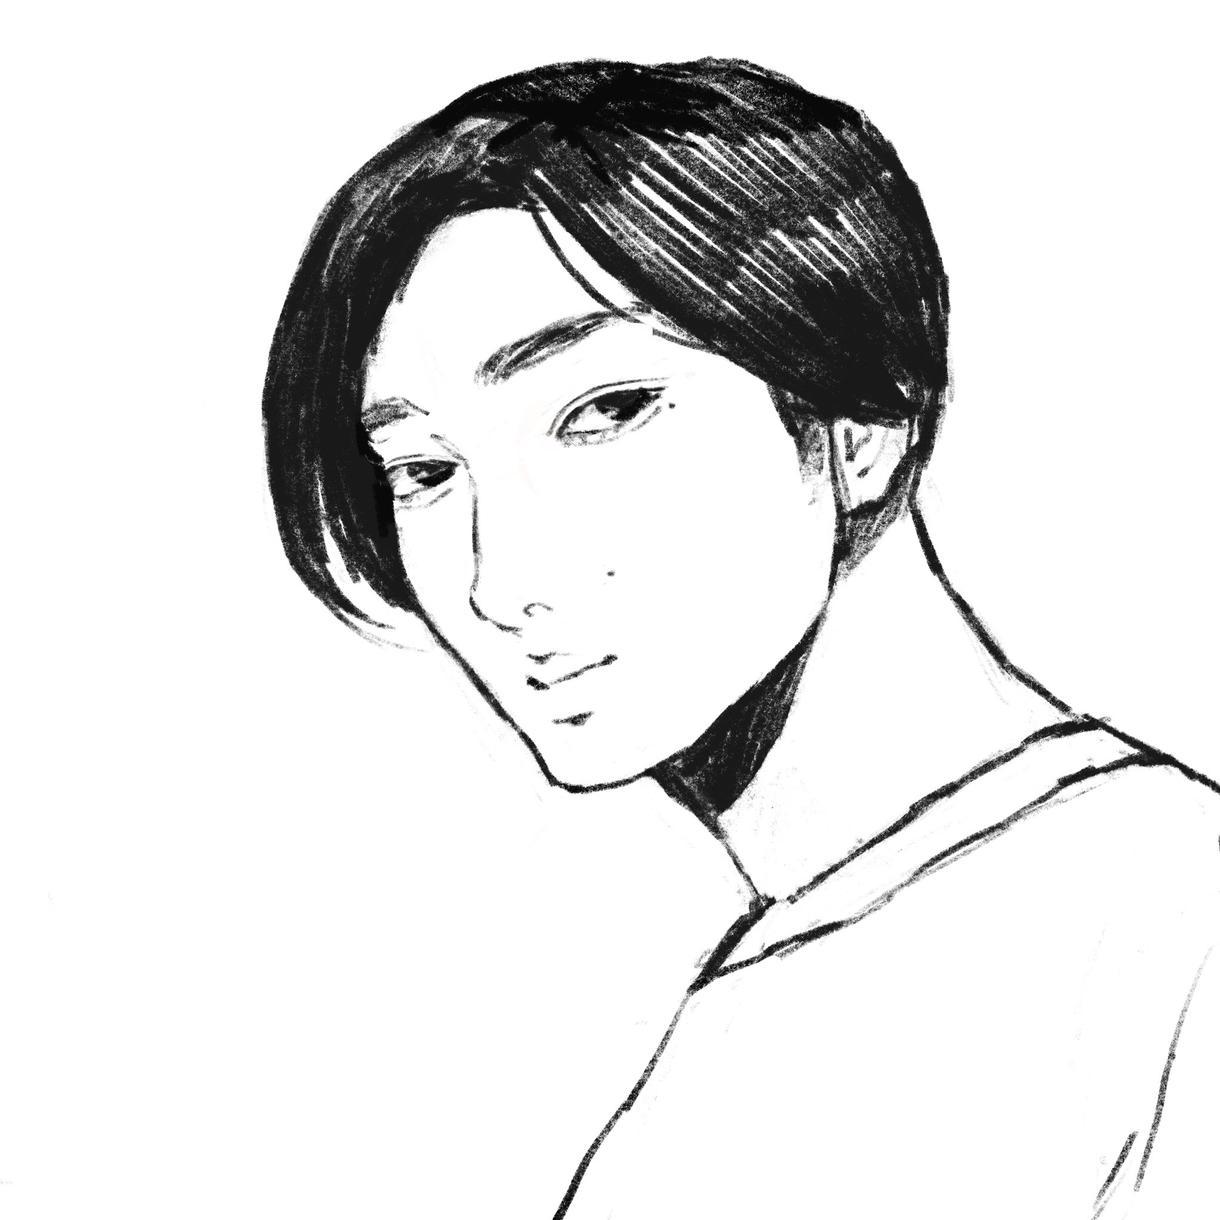 鉛筆+1色でオシャレな似顔絵描きます アイコン利用にもってこいな似顔絵イラストを描きます!